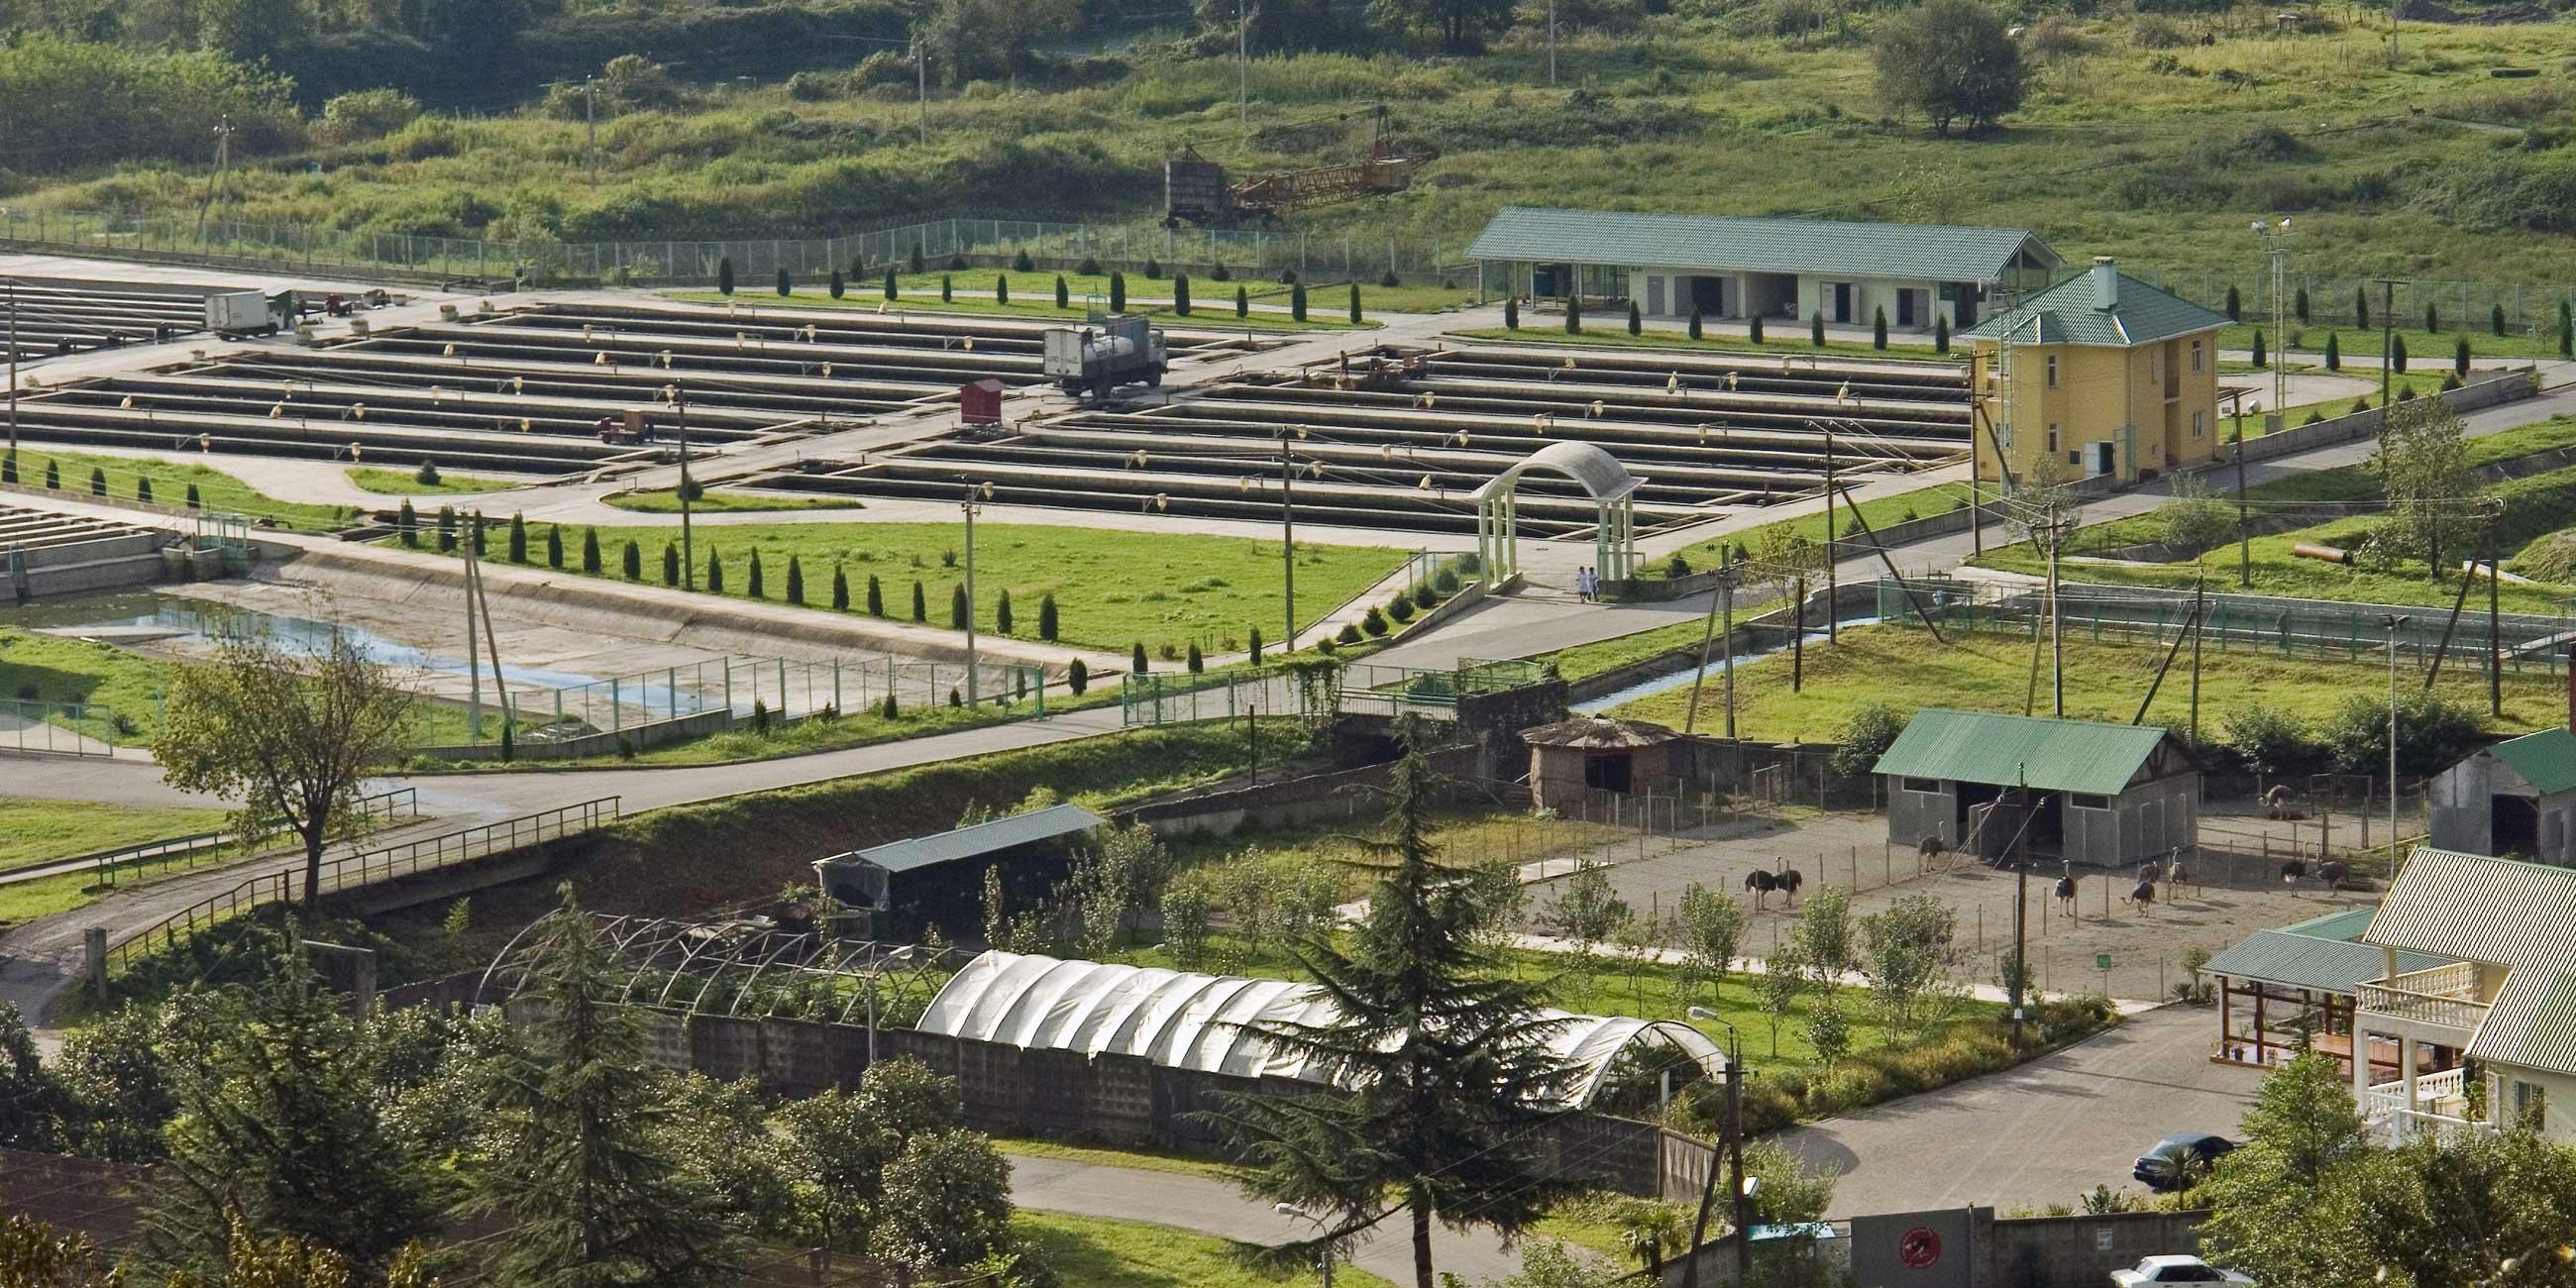 Форелевое хозяйство близ Адлера - одно из крупнейших в России.Фото: globallookpress.com